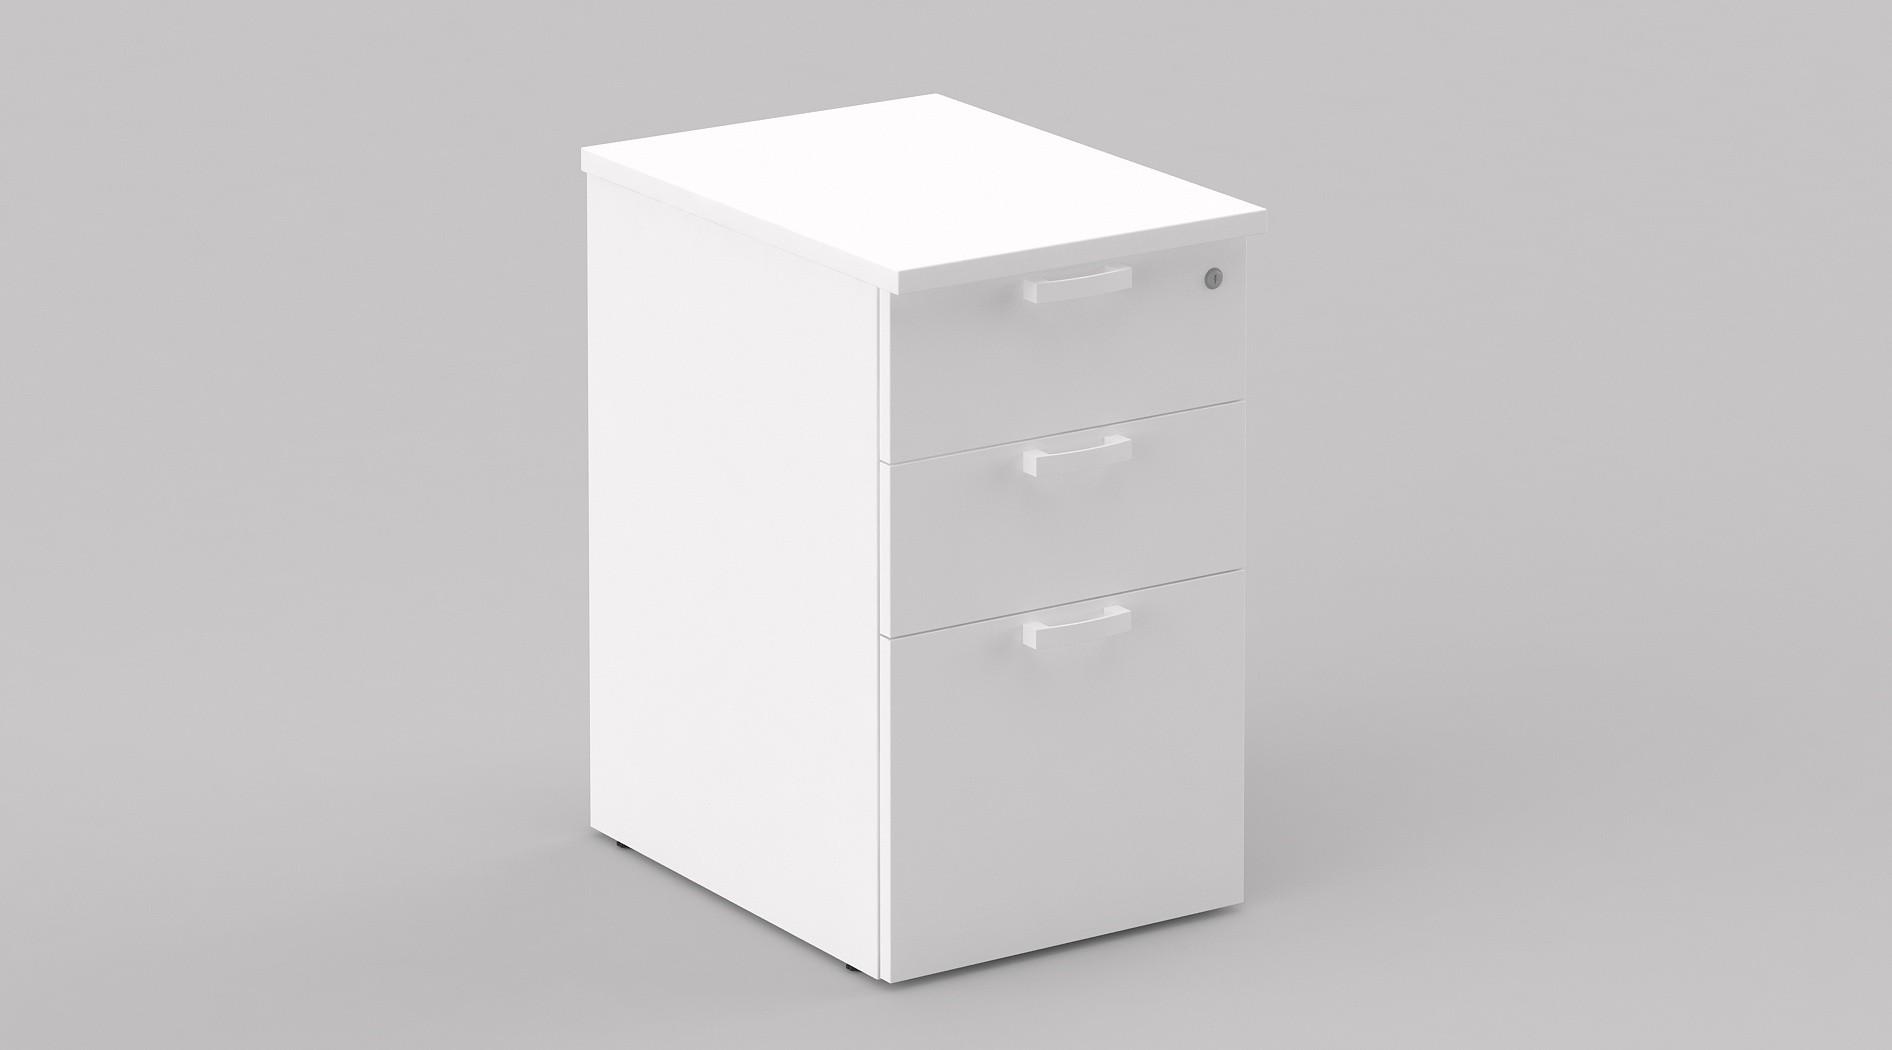 caisson hauteur bureau achat caisson hauteur bureau 308 00. Black Bedroom Furniture Sets. Home Design Ideas